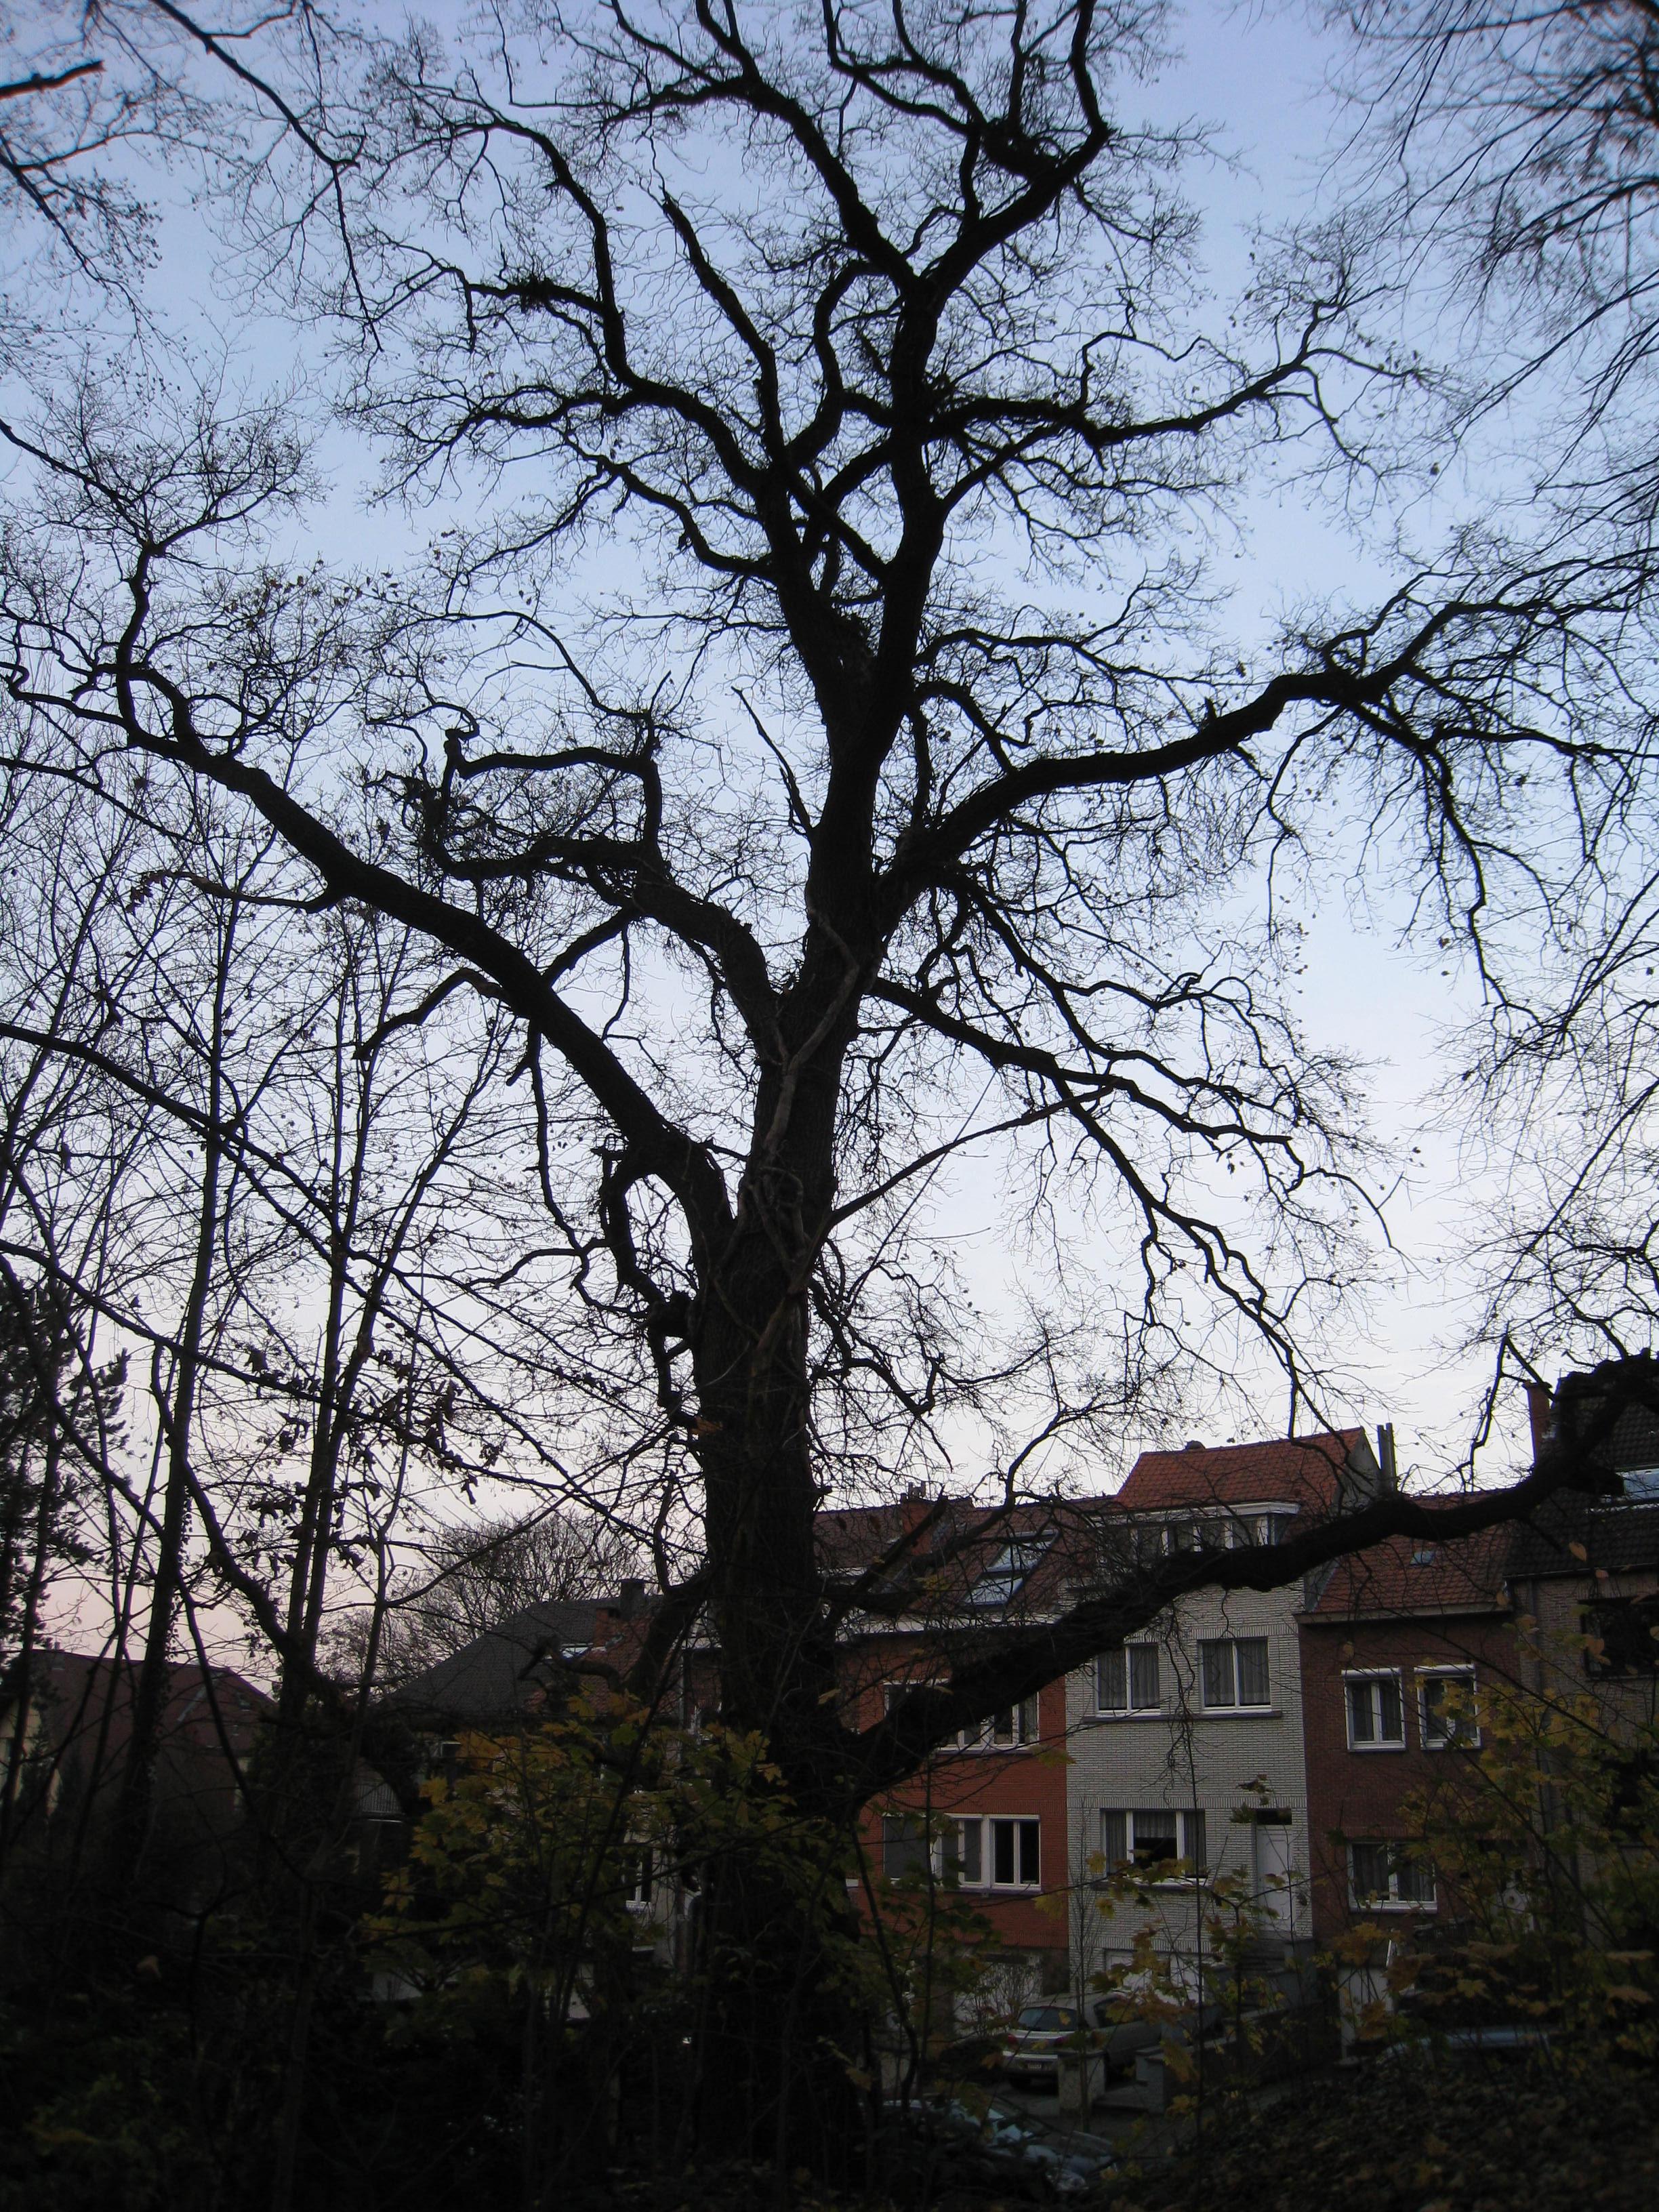 Zomereik – St.- Lambrechts - Woluwe, Lindekmalemolen en omgevingen, Jean-François Debeckerlaan –  01 December 2009